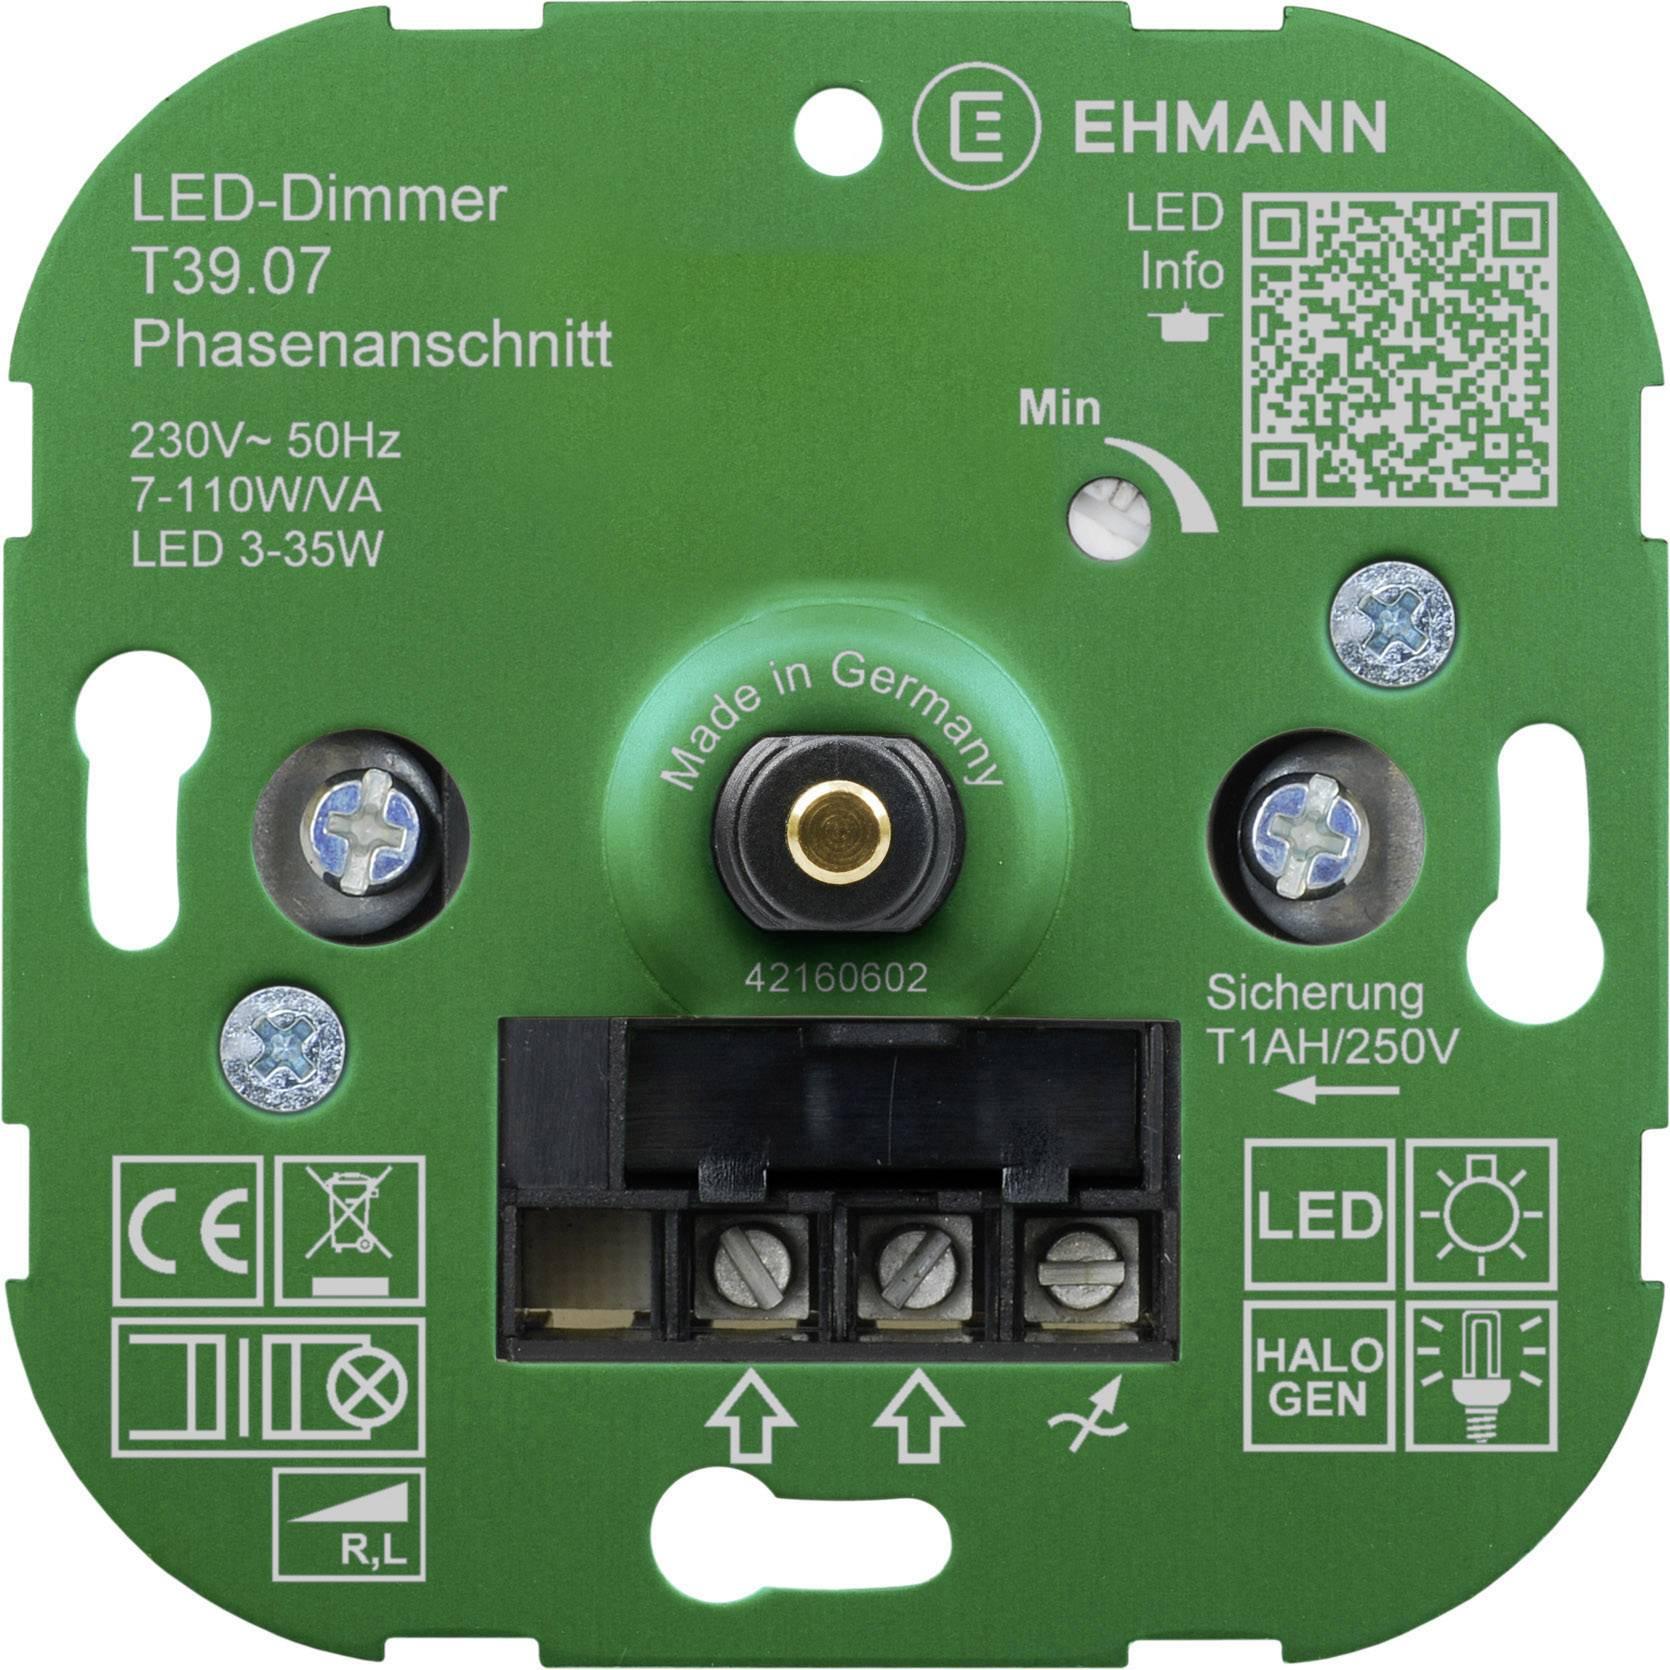 Ehmann 3900x0700 Dimmer da inc